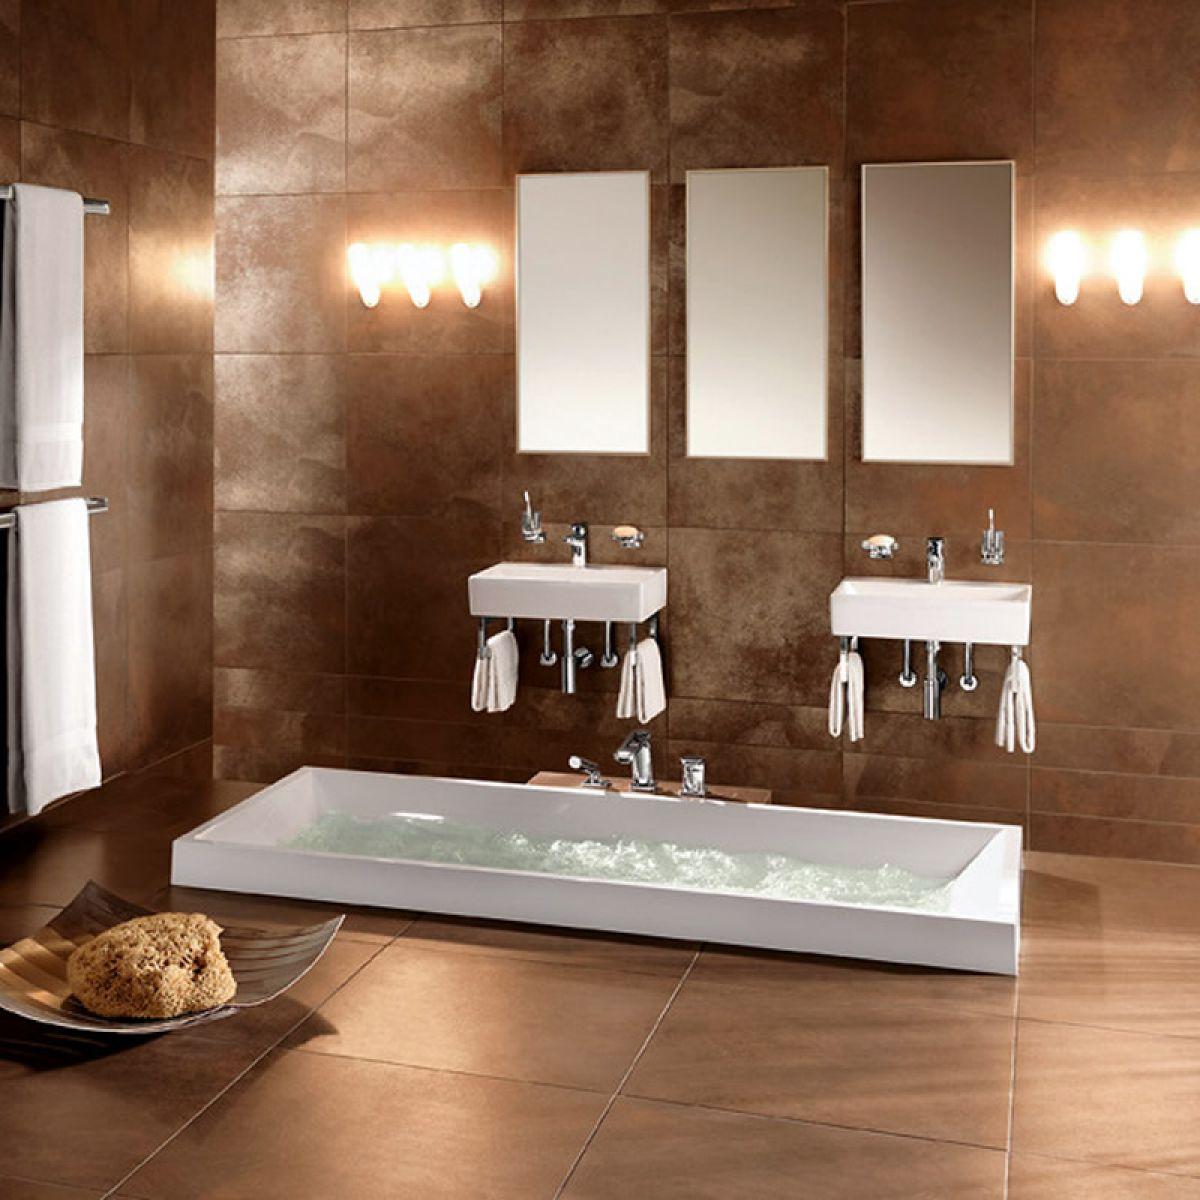 Designer Bathroom Suites Uk